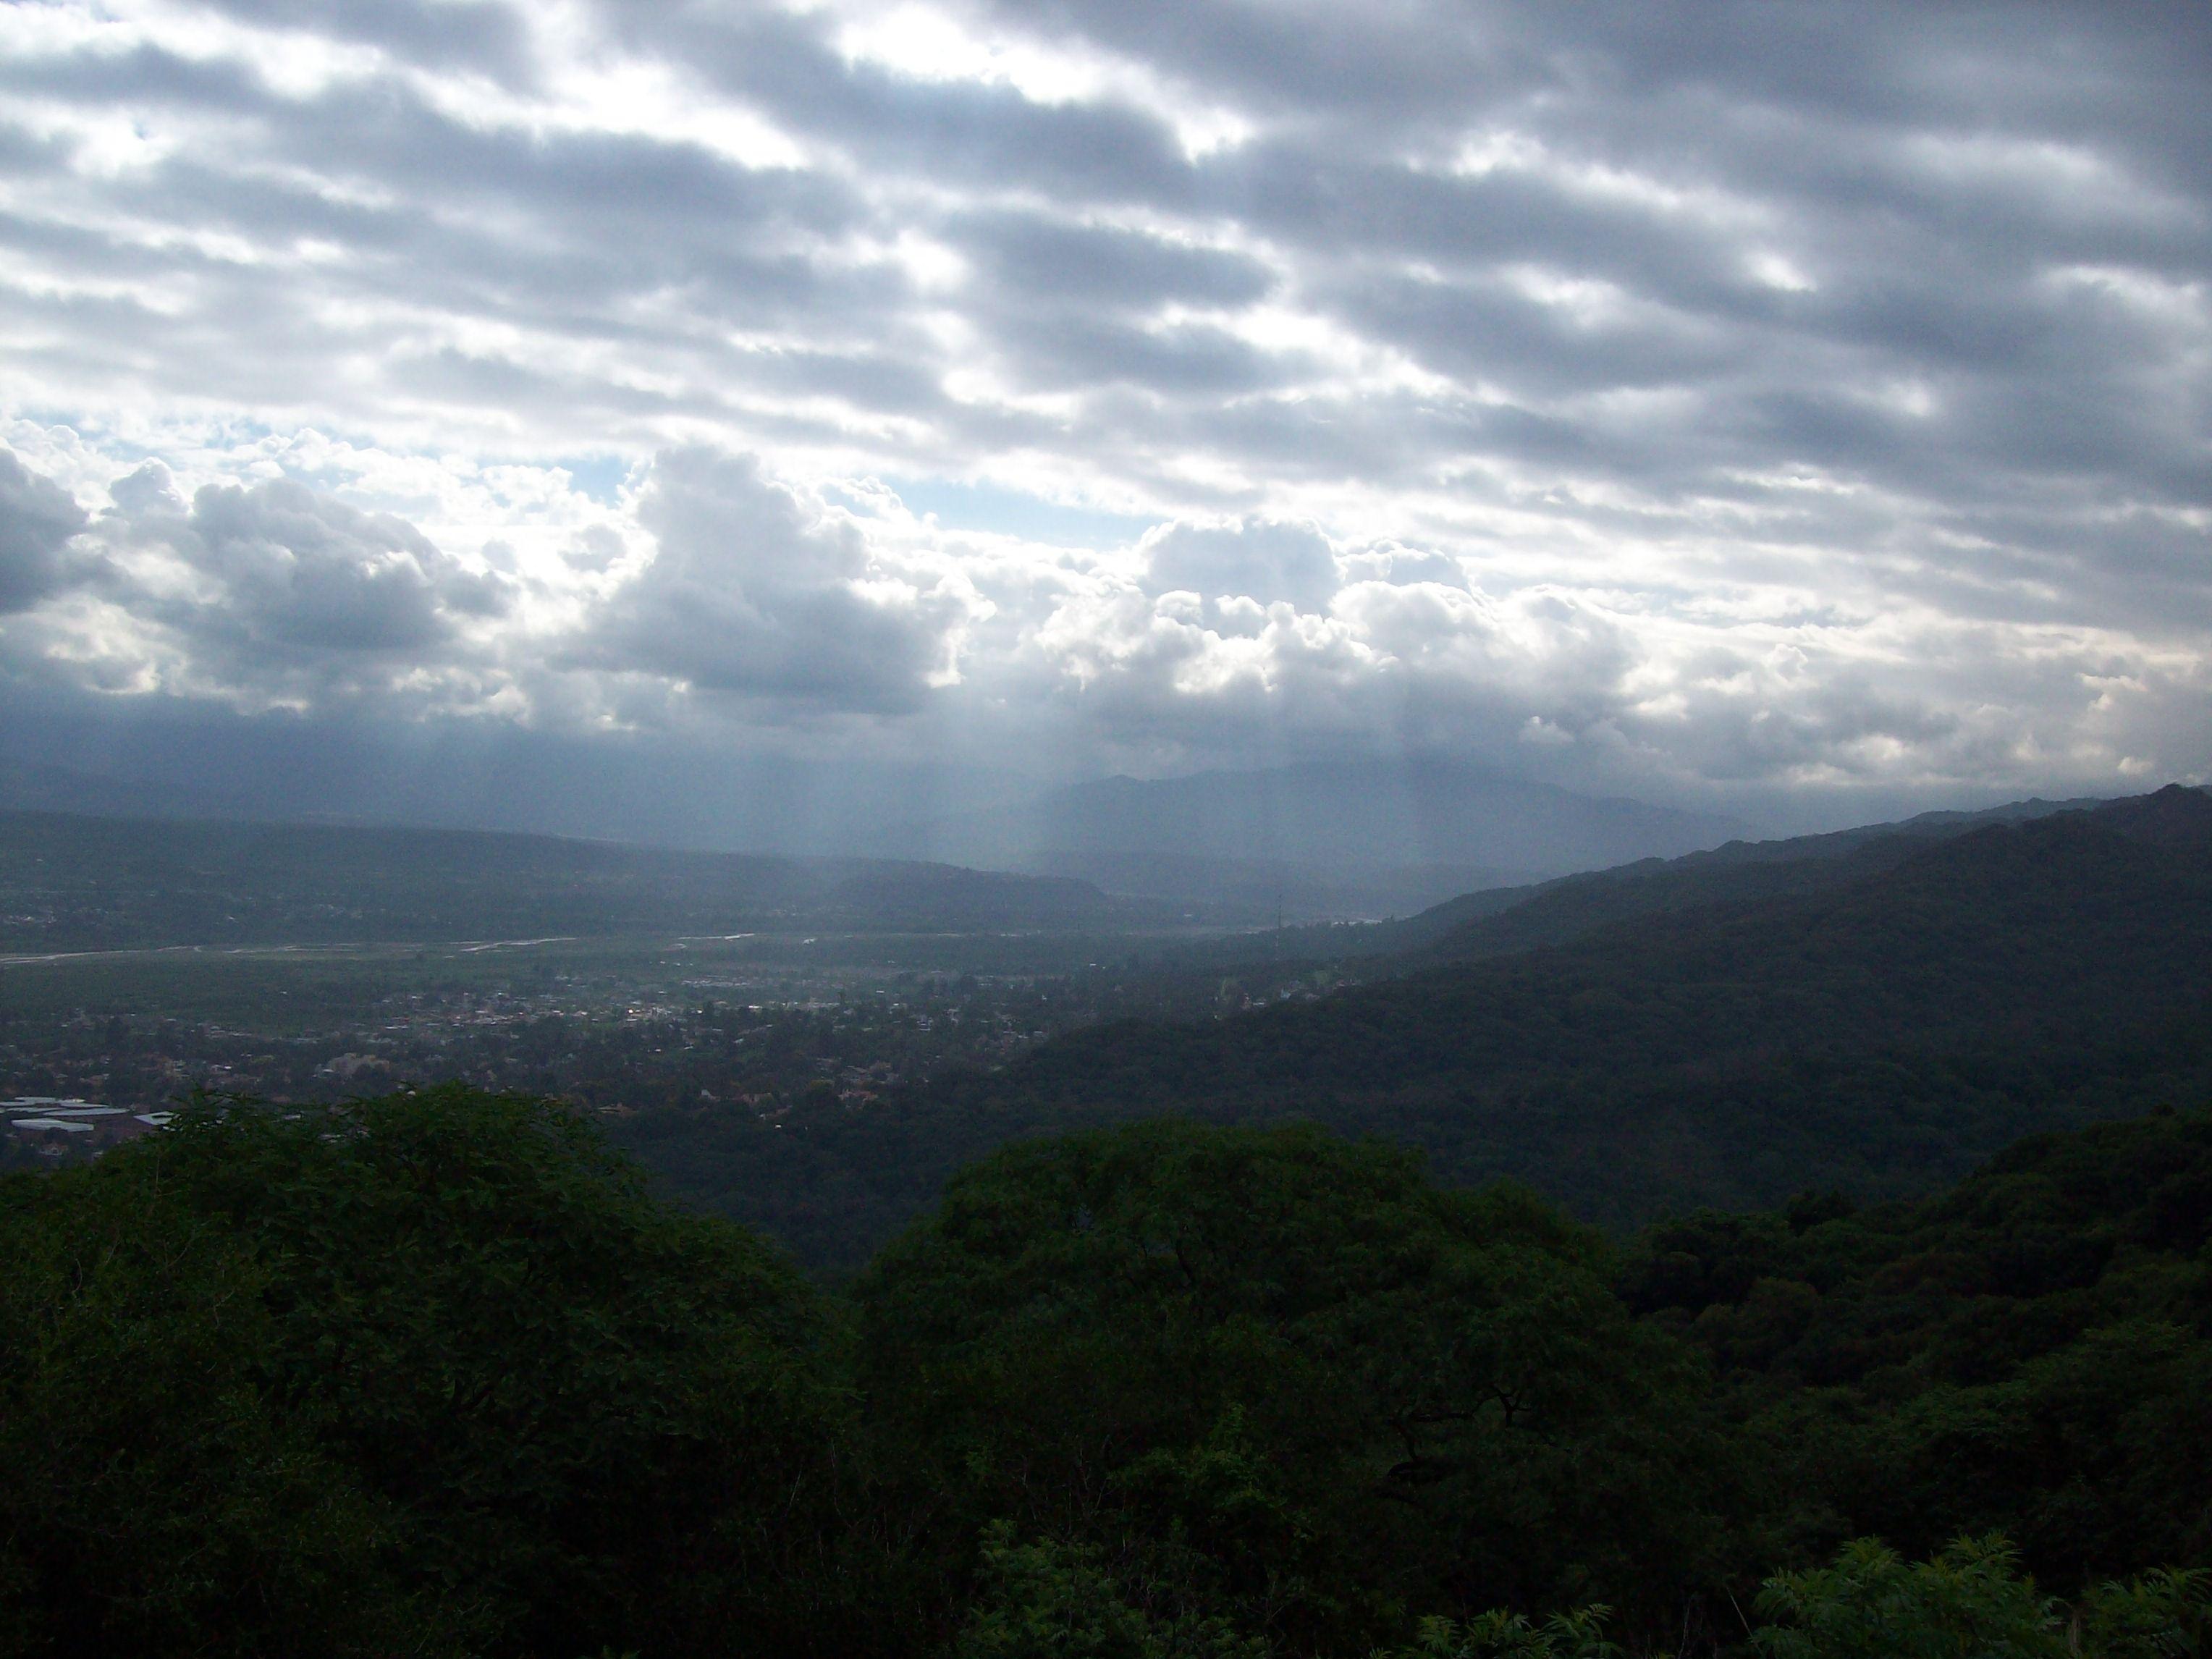 ¡Asombroso! Cuando la luz solar se filtra entre las nubes.